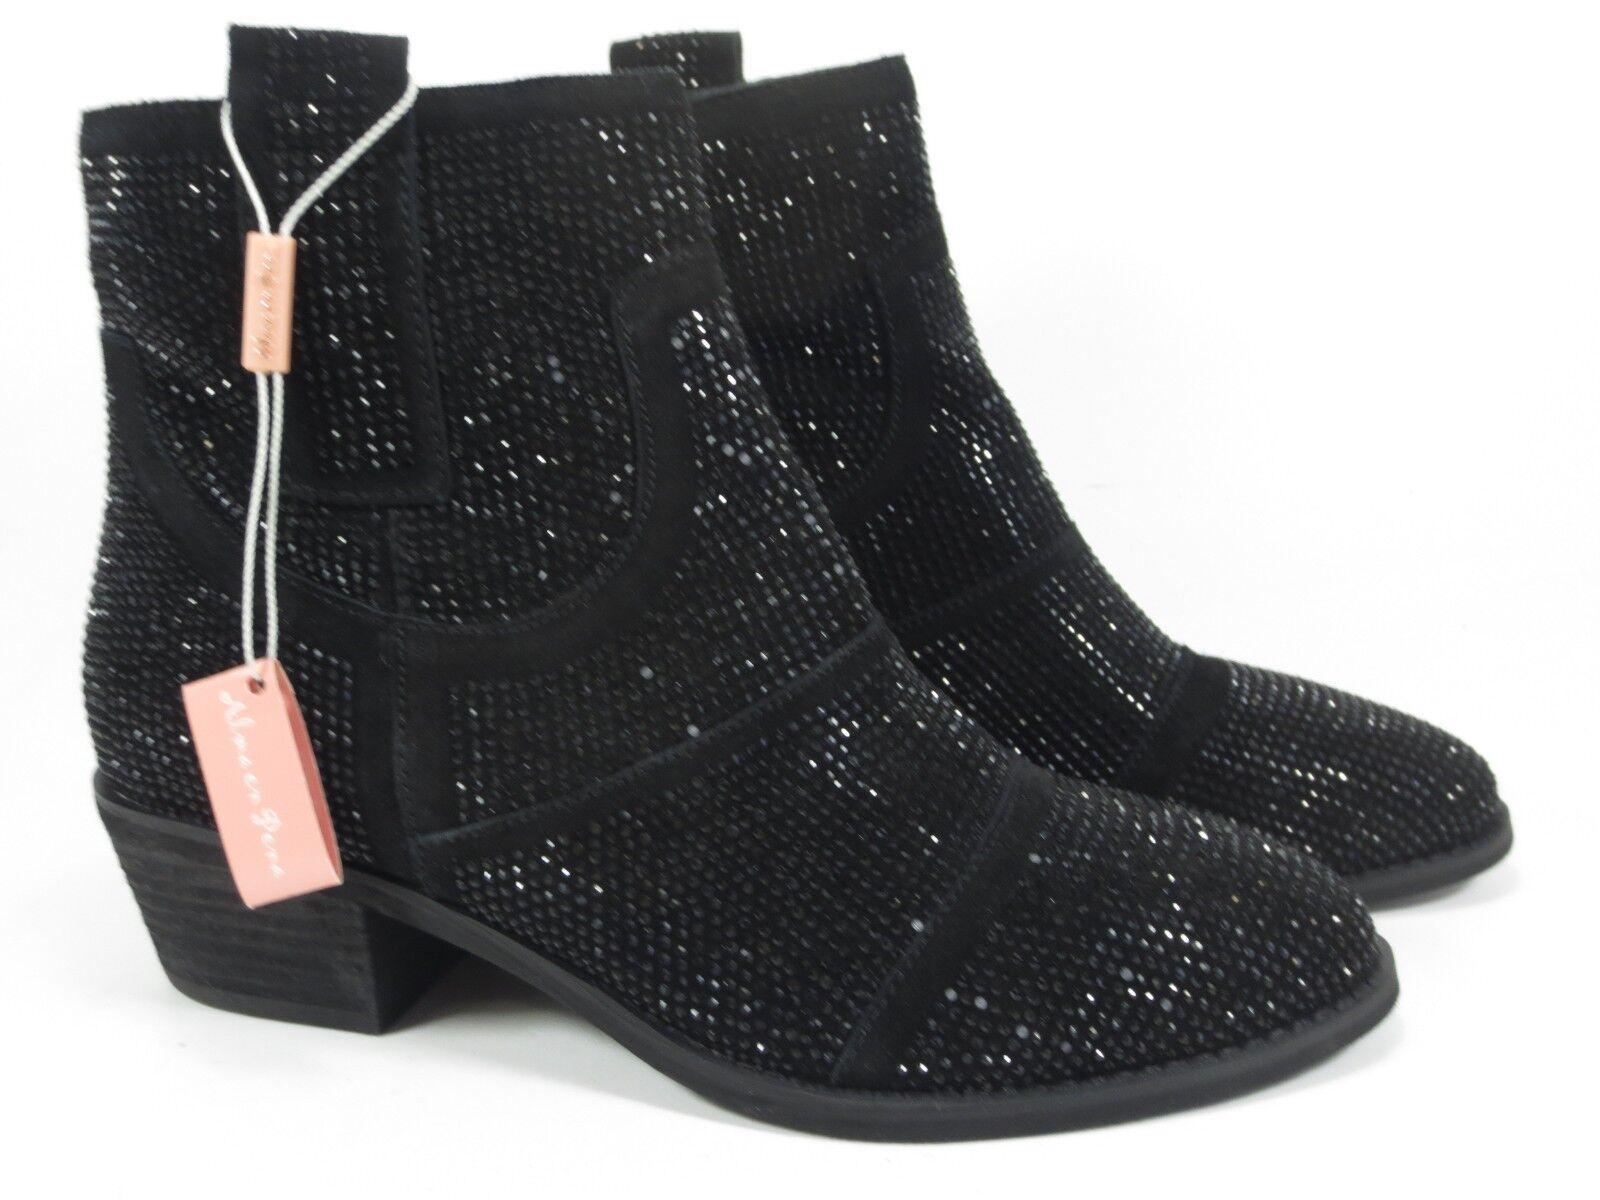 ALMA EN Stiefel PENA Leder Schuhe Glitzer Stiefel EN schwarz Gr. 42 NEU Stiefeletten eedf85